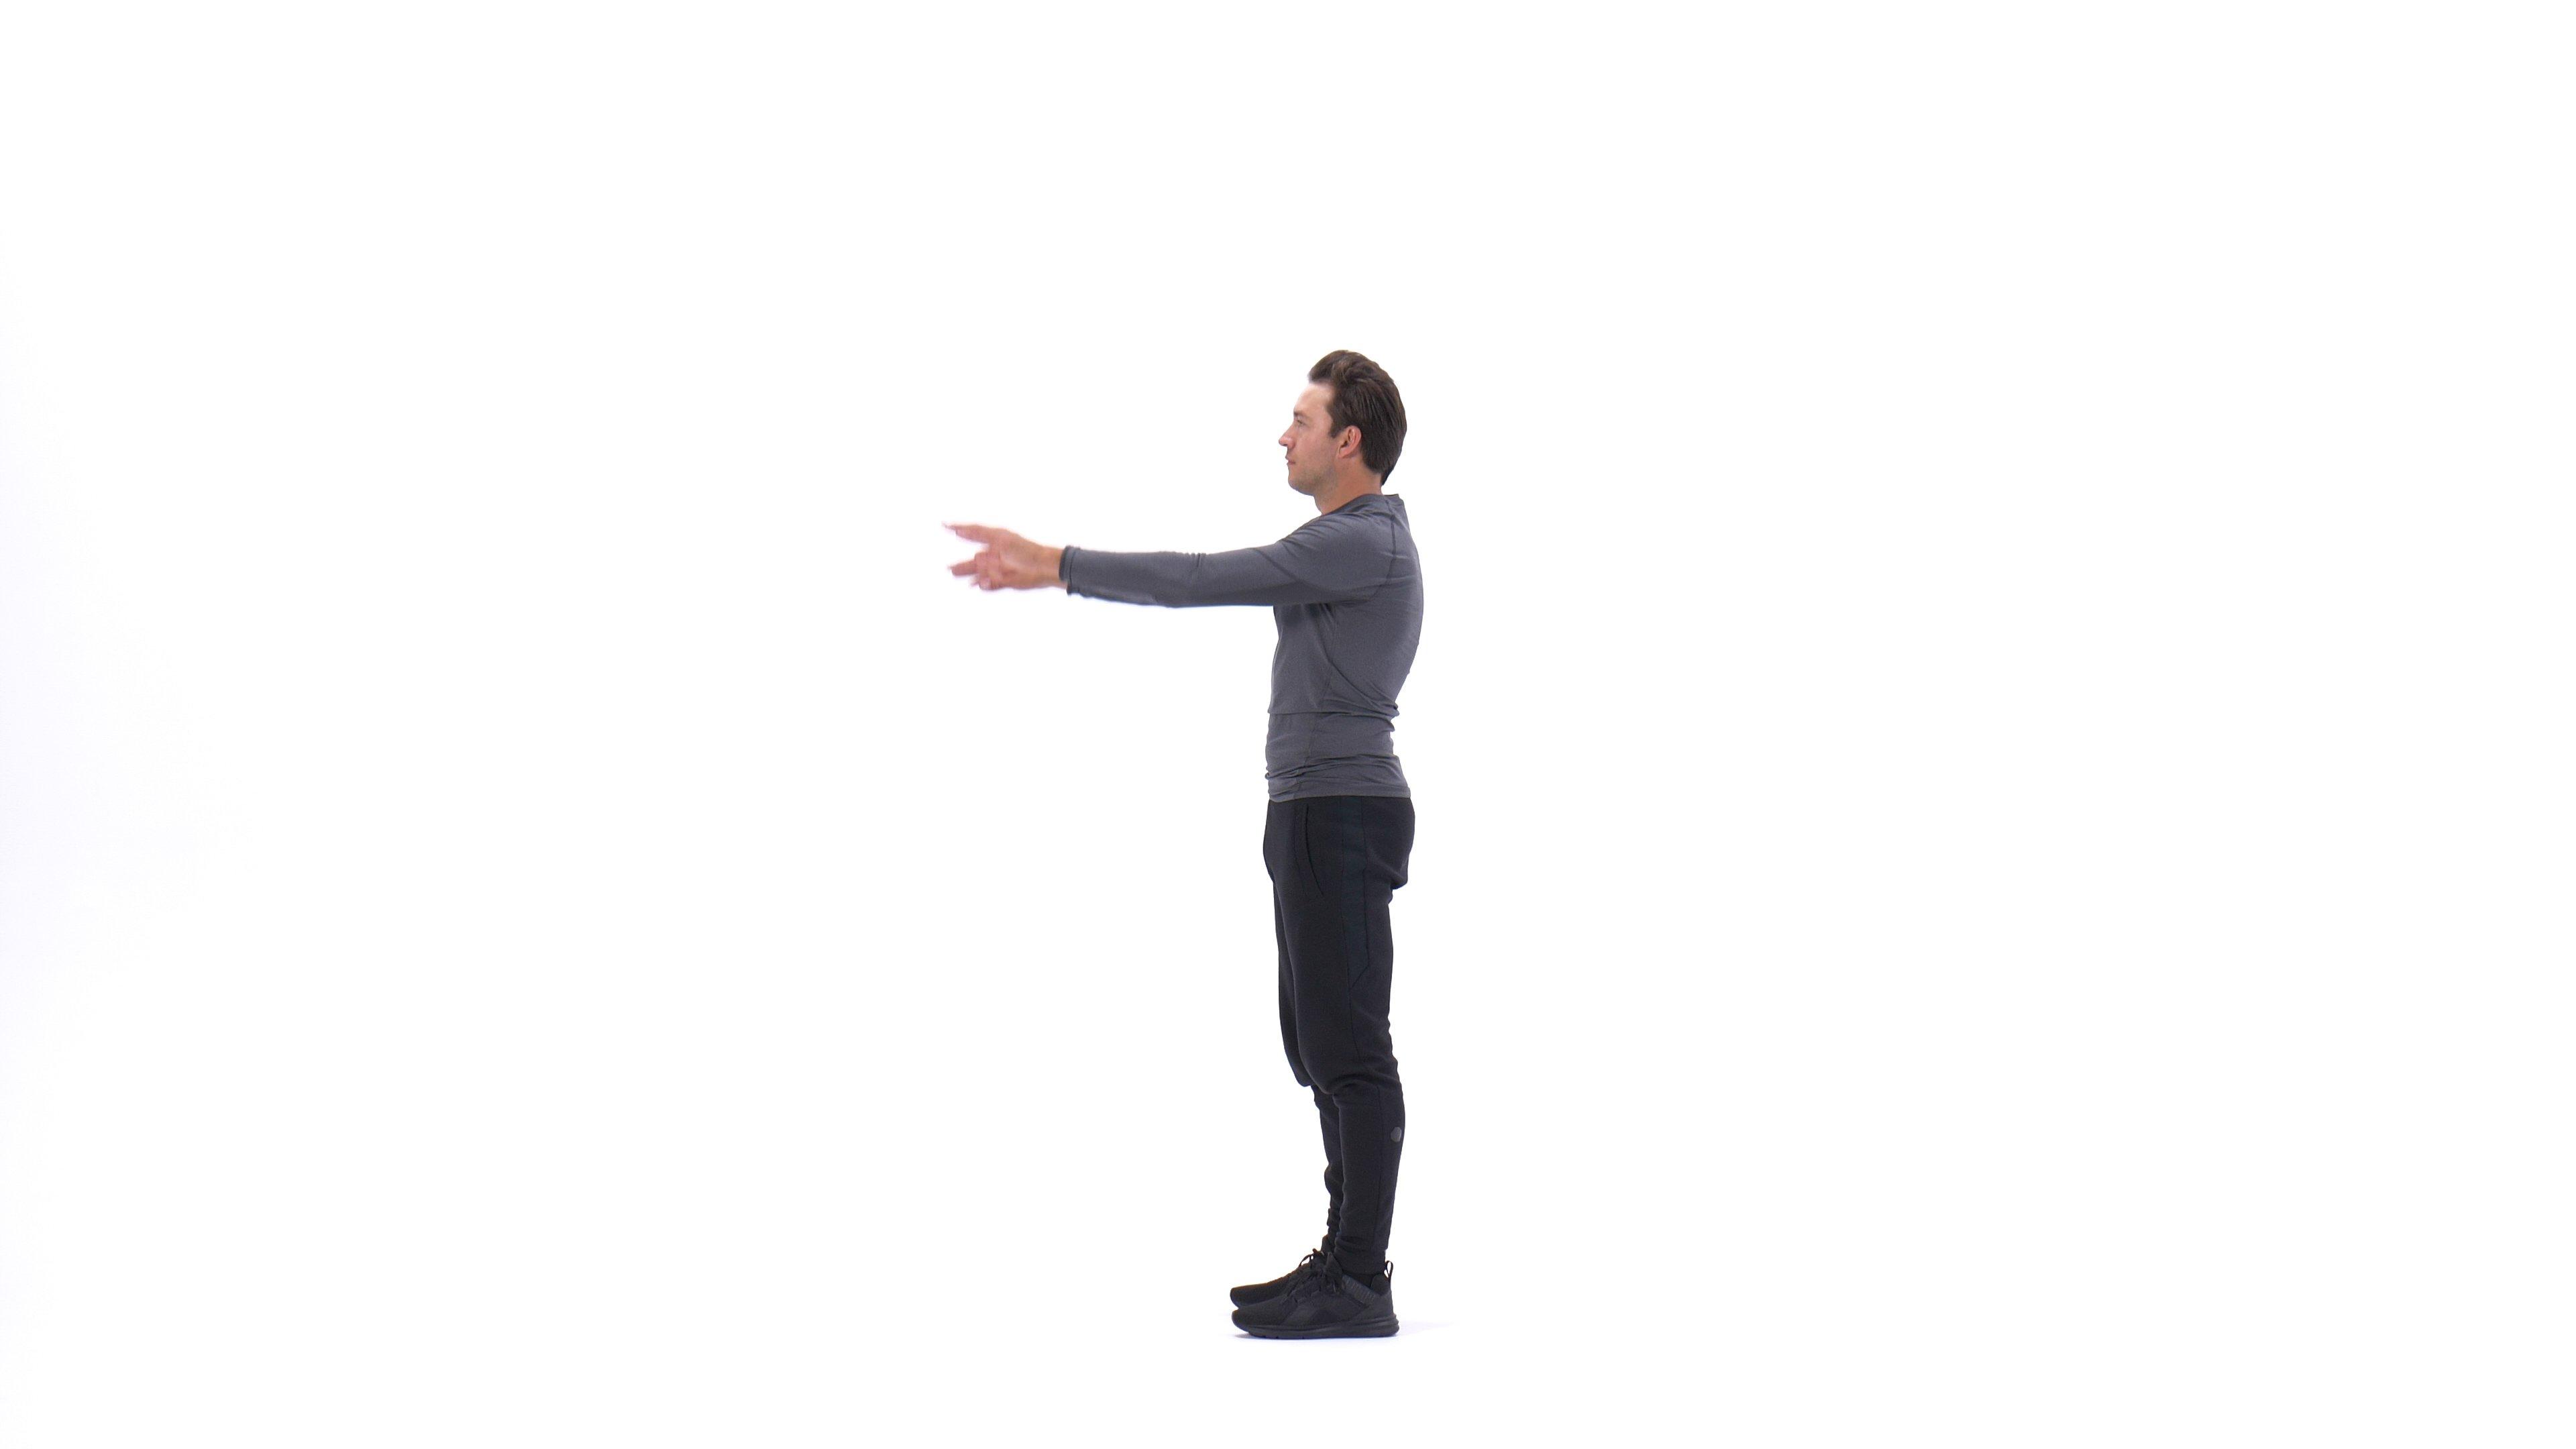 Arm circle image